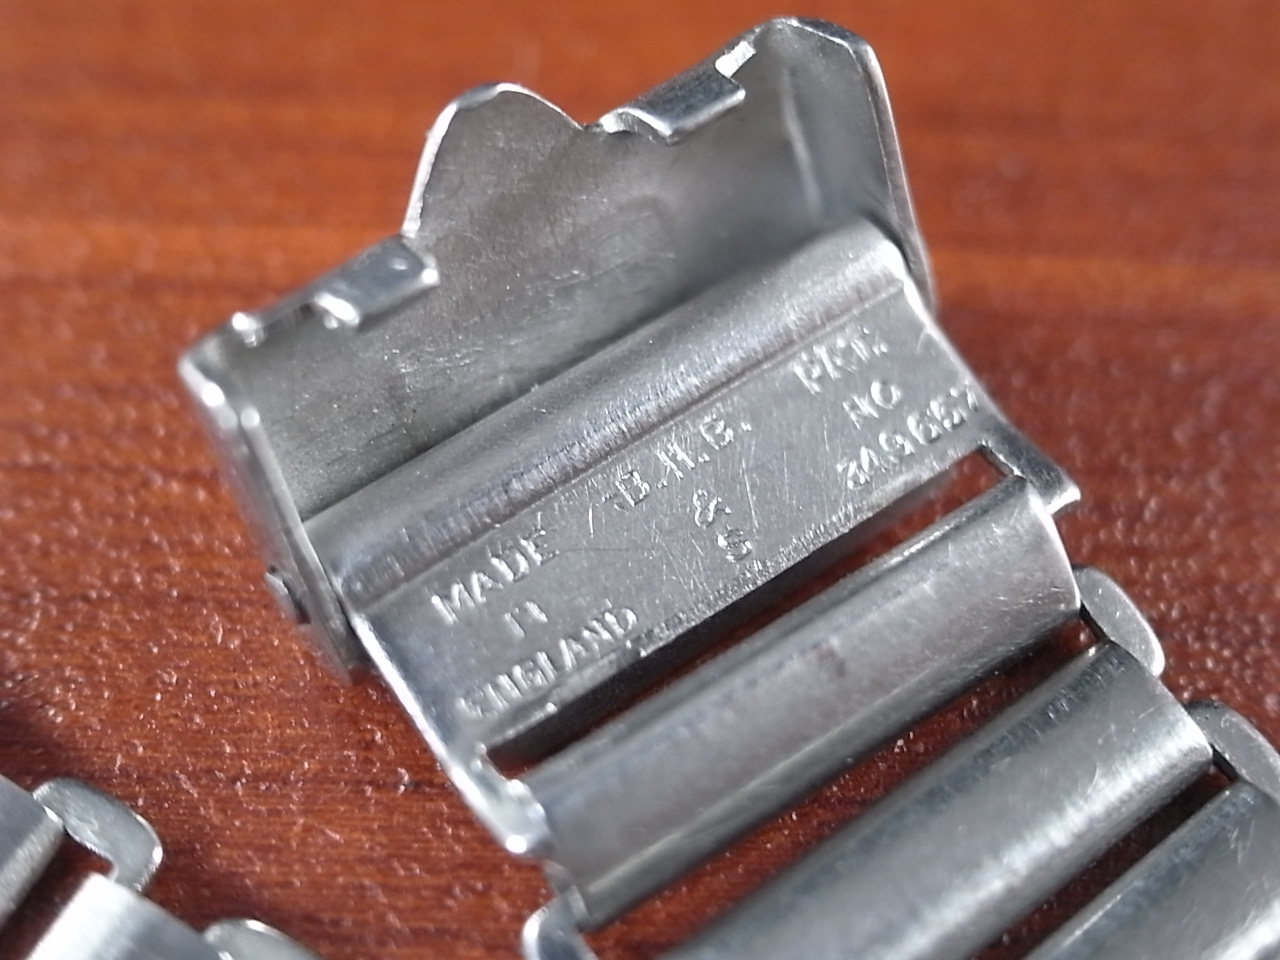 ボンクリップ バンブーブレス SS ブロック体ロゴ 13mmタイプ 16mm BONKLIPの写真3枚目